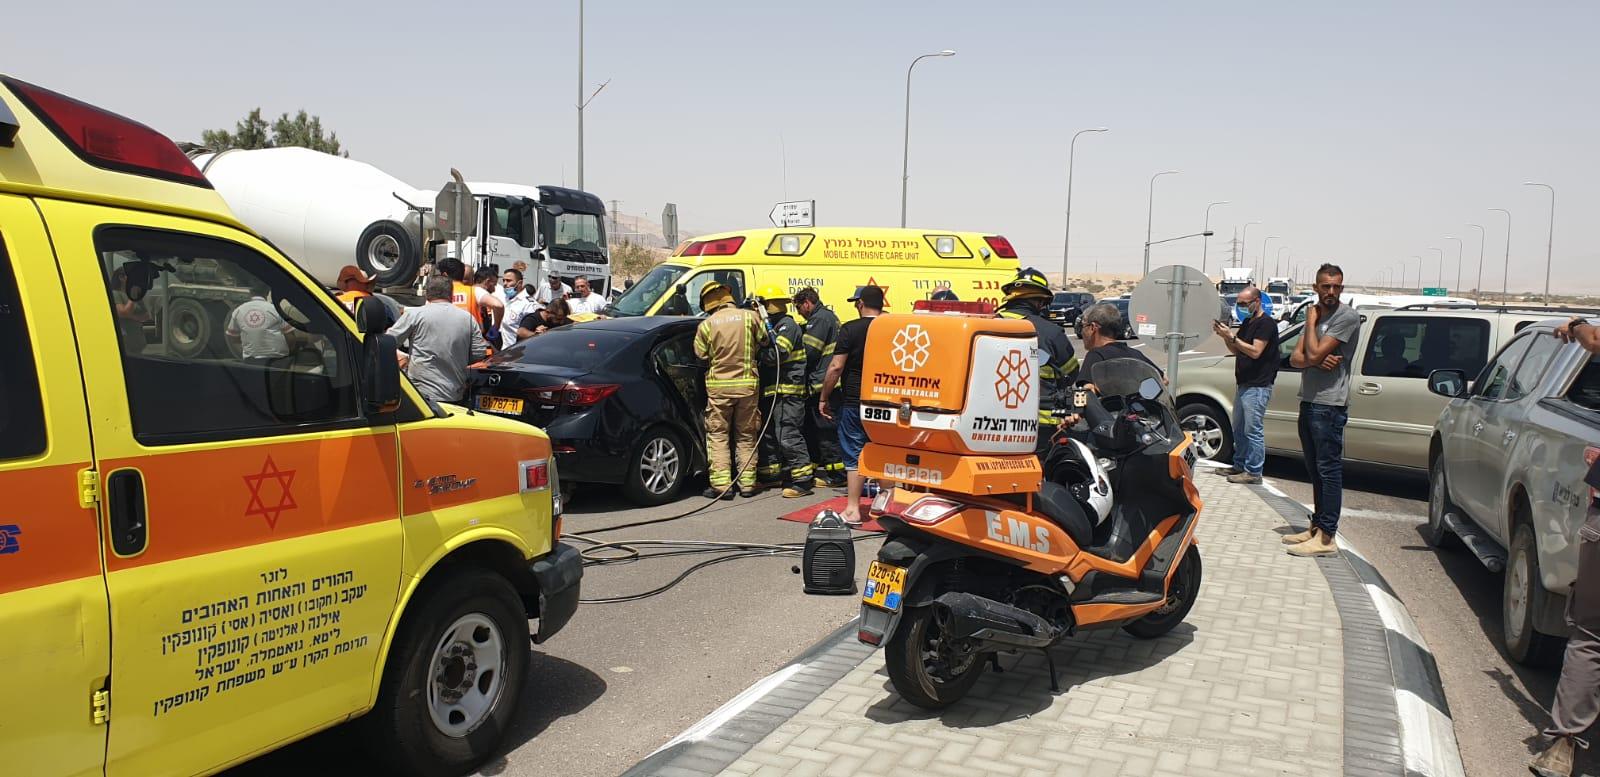 פצועה בינוני ו-4 קל בתאונה בכניסה לאילת